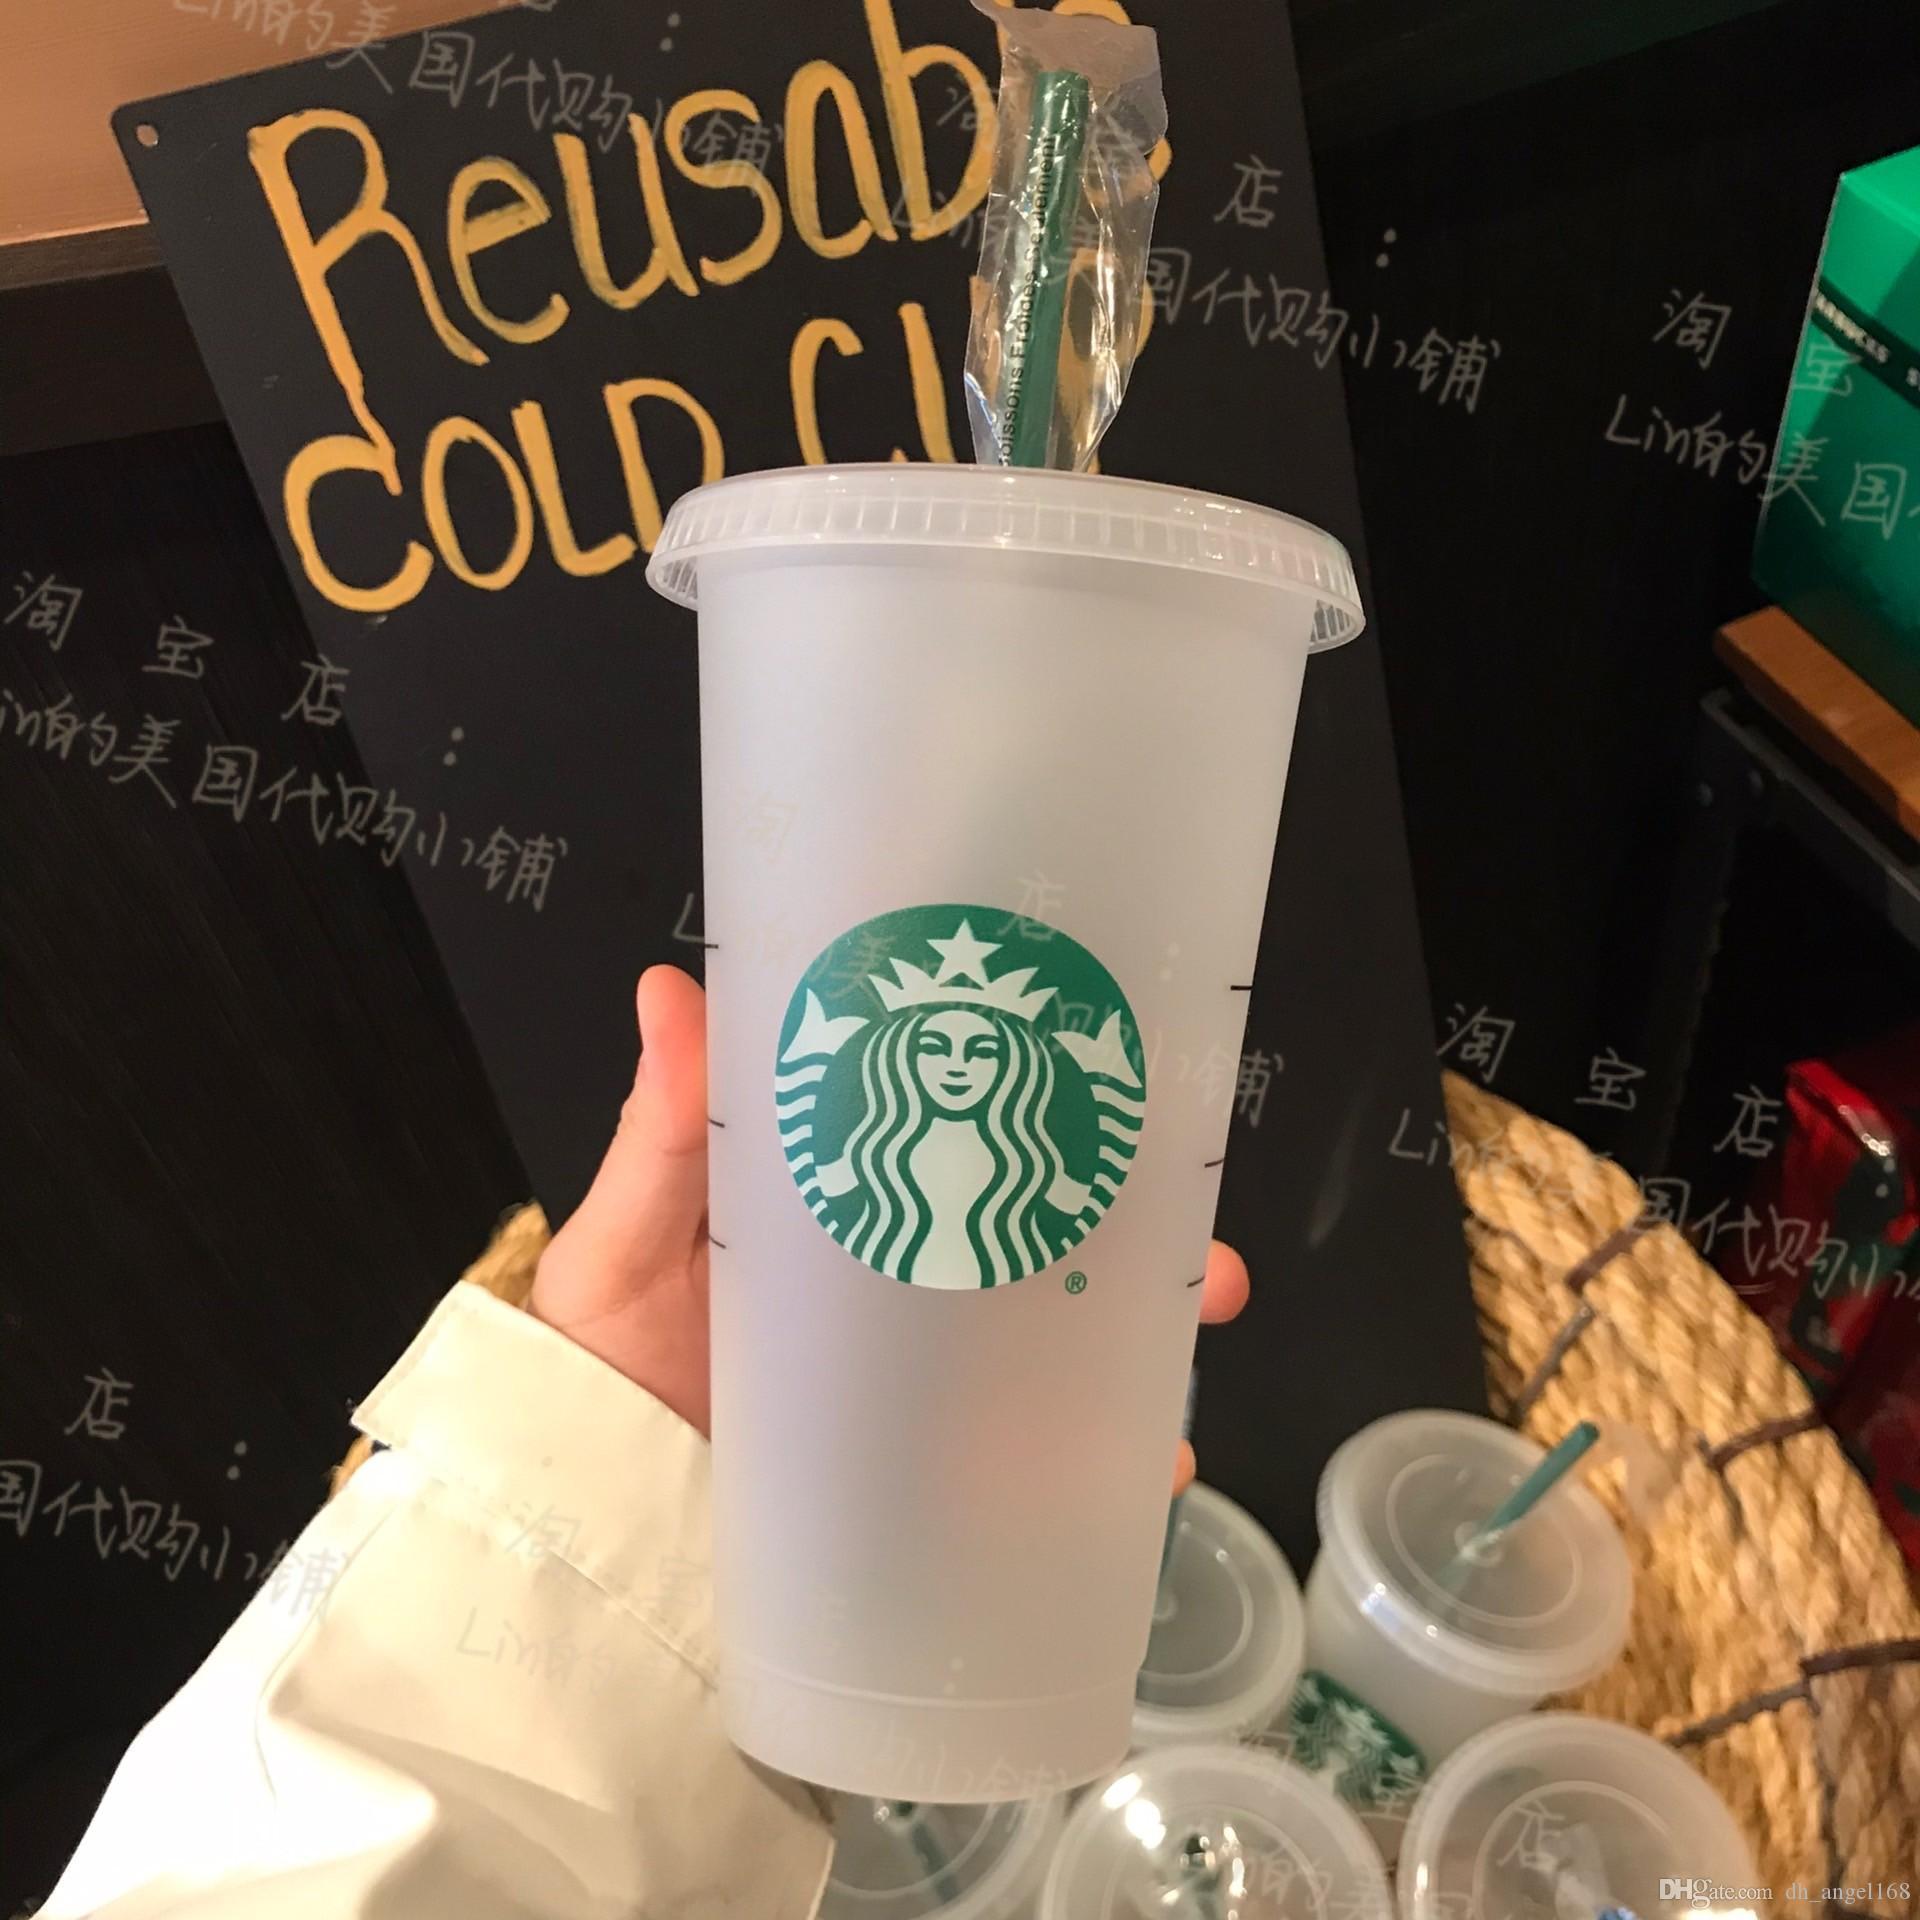 Starbucks 24oz / 710ml Table en plastique Réutilisable Clair Clear Coupe Appartement Tasse Couvercle Couvercle Couvercle Tasse de paille Bardian Expédition rapide